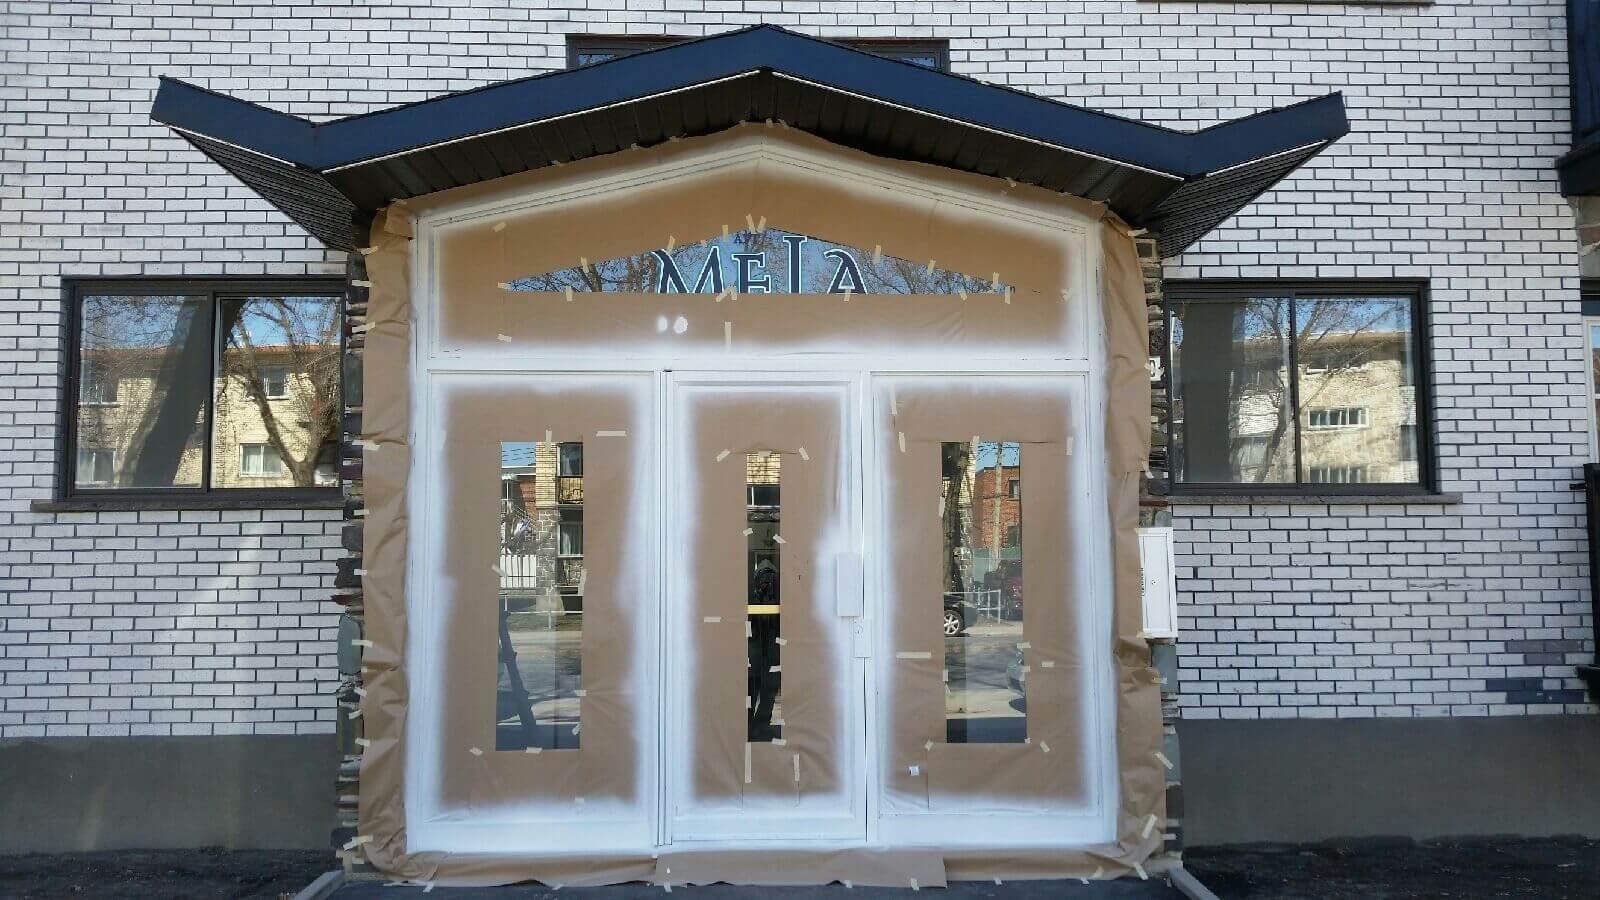 Projets peinture portes et fen tres garage pvc - Peinture porte et fenetre ...